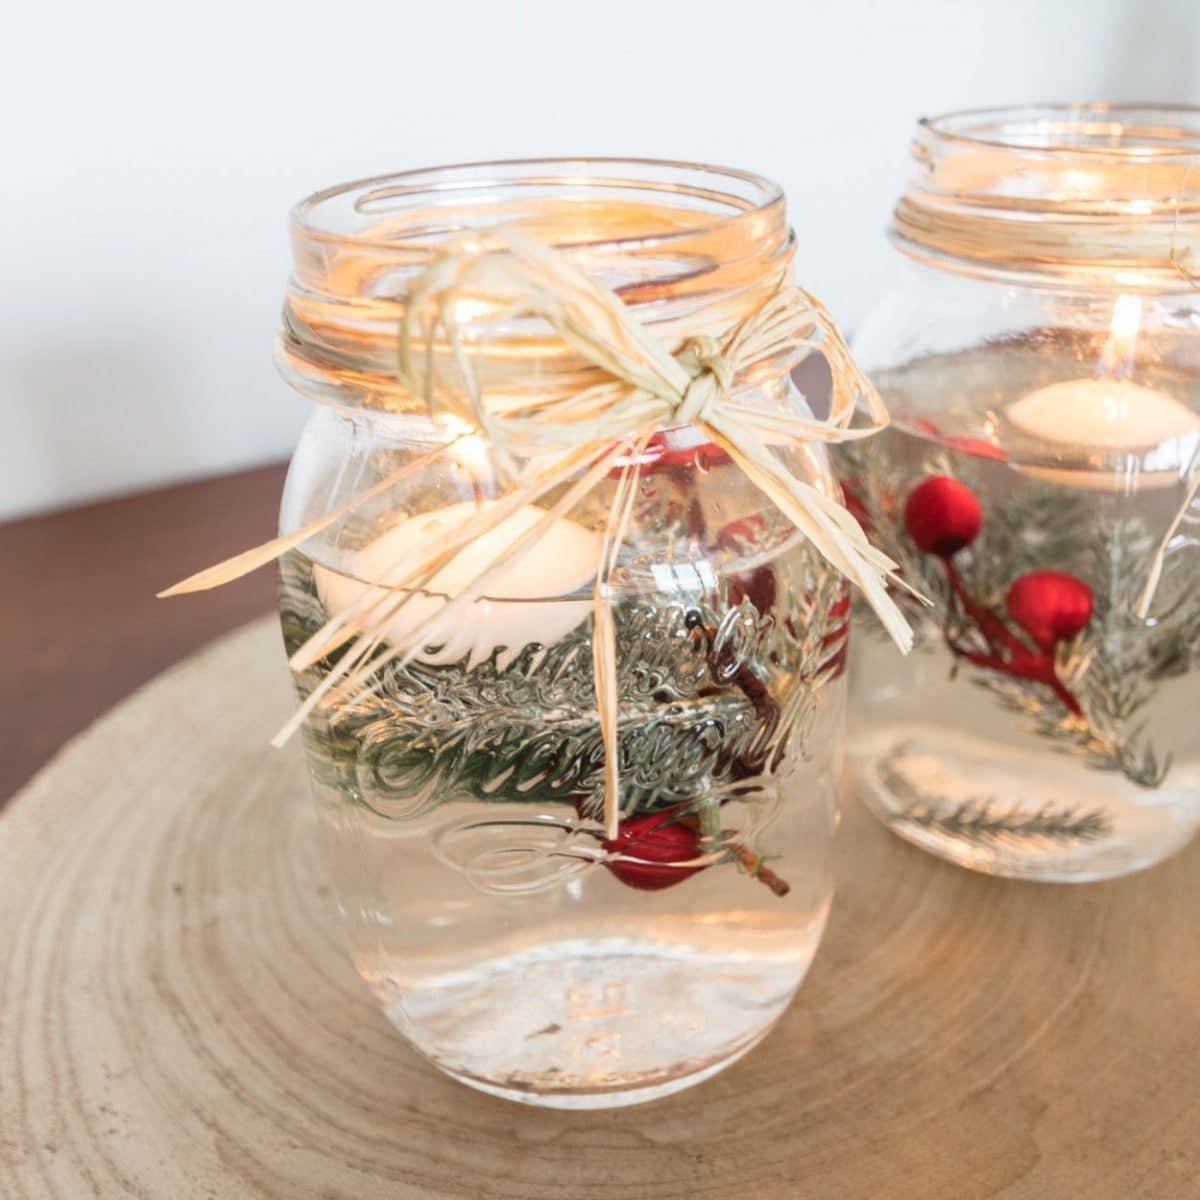 Decoración navideña con velas flotantes